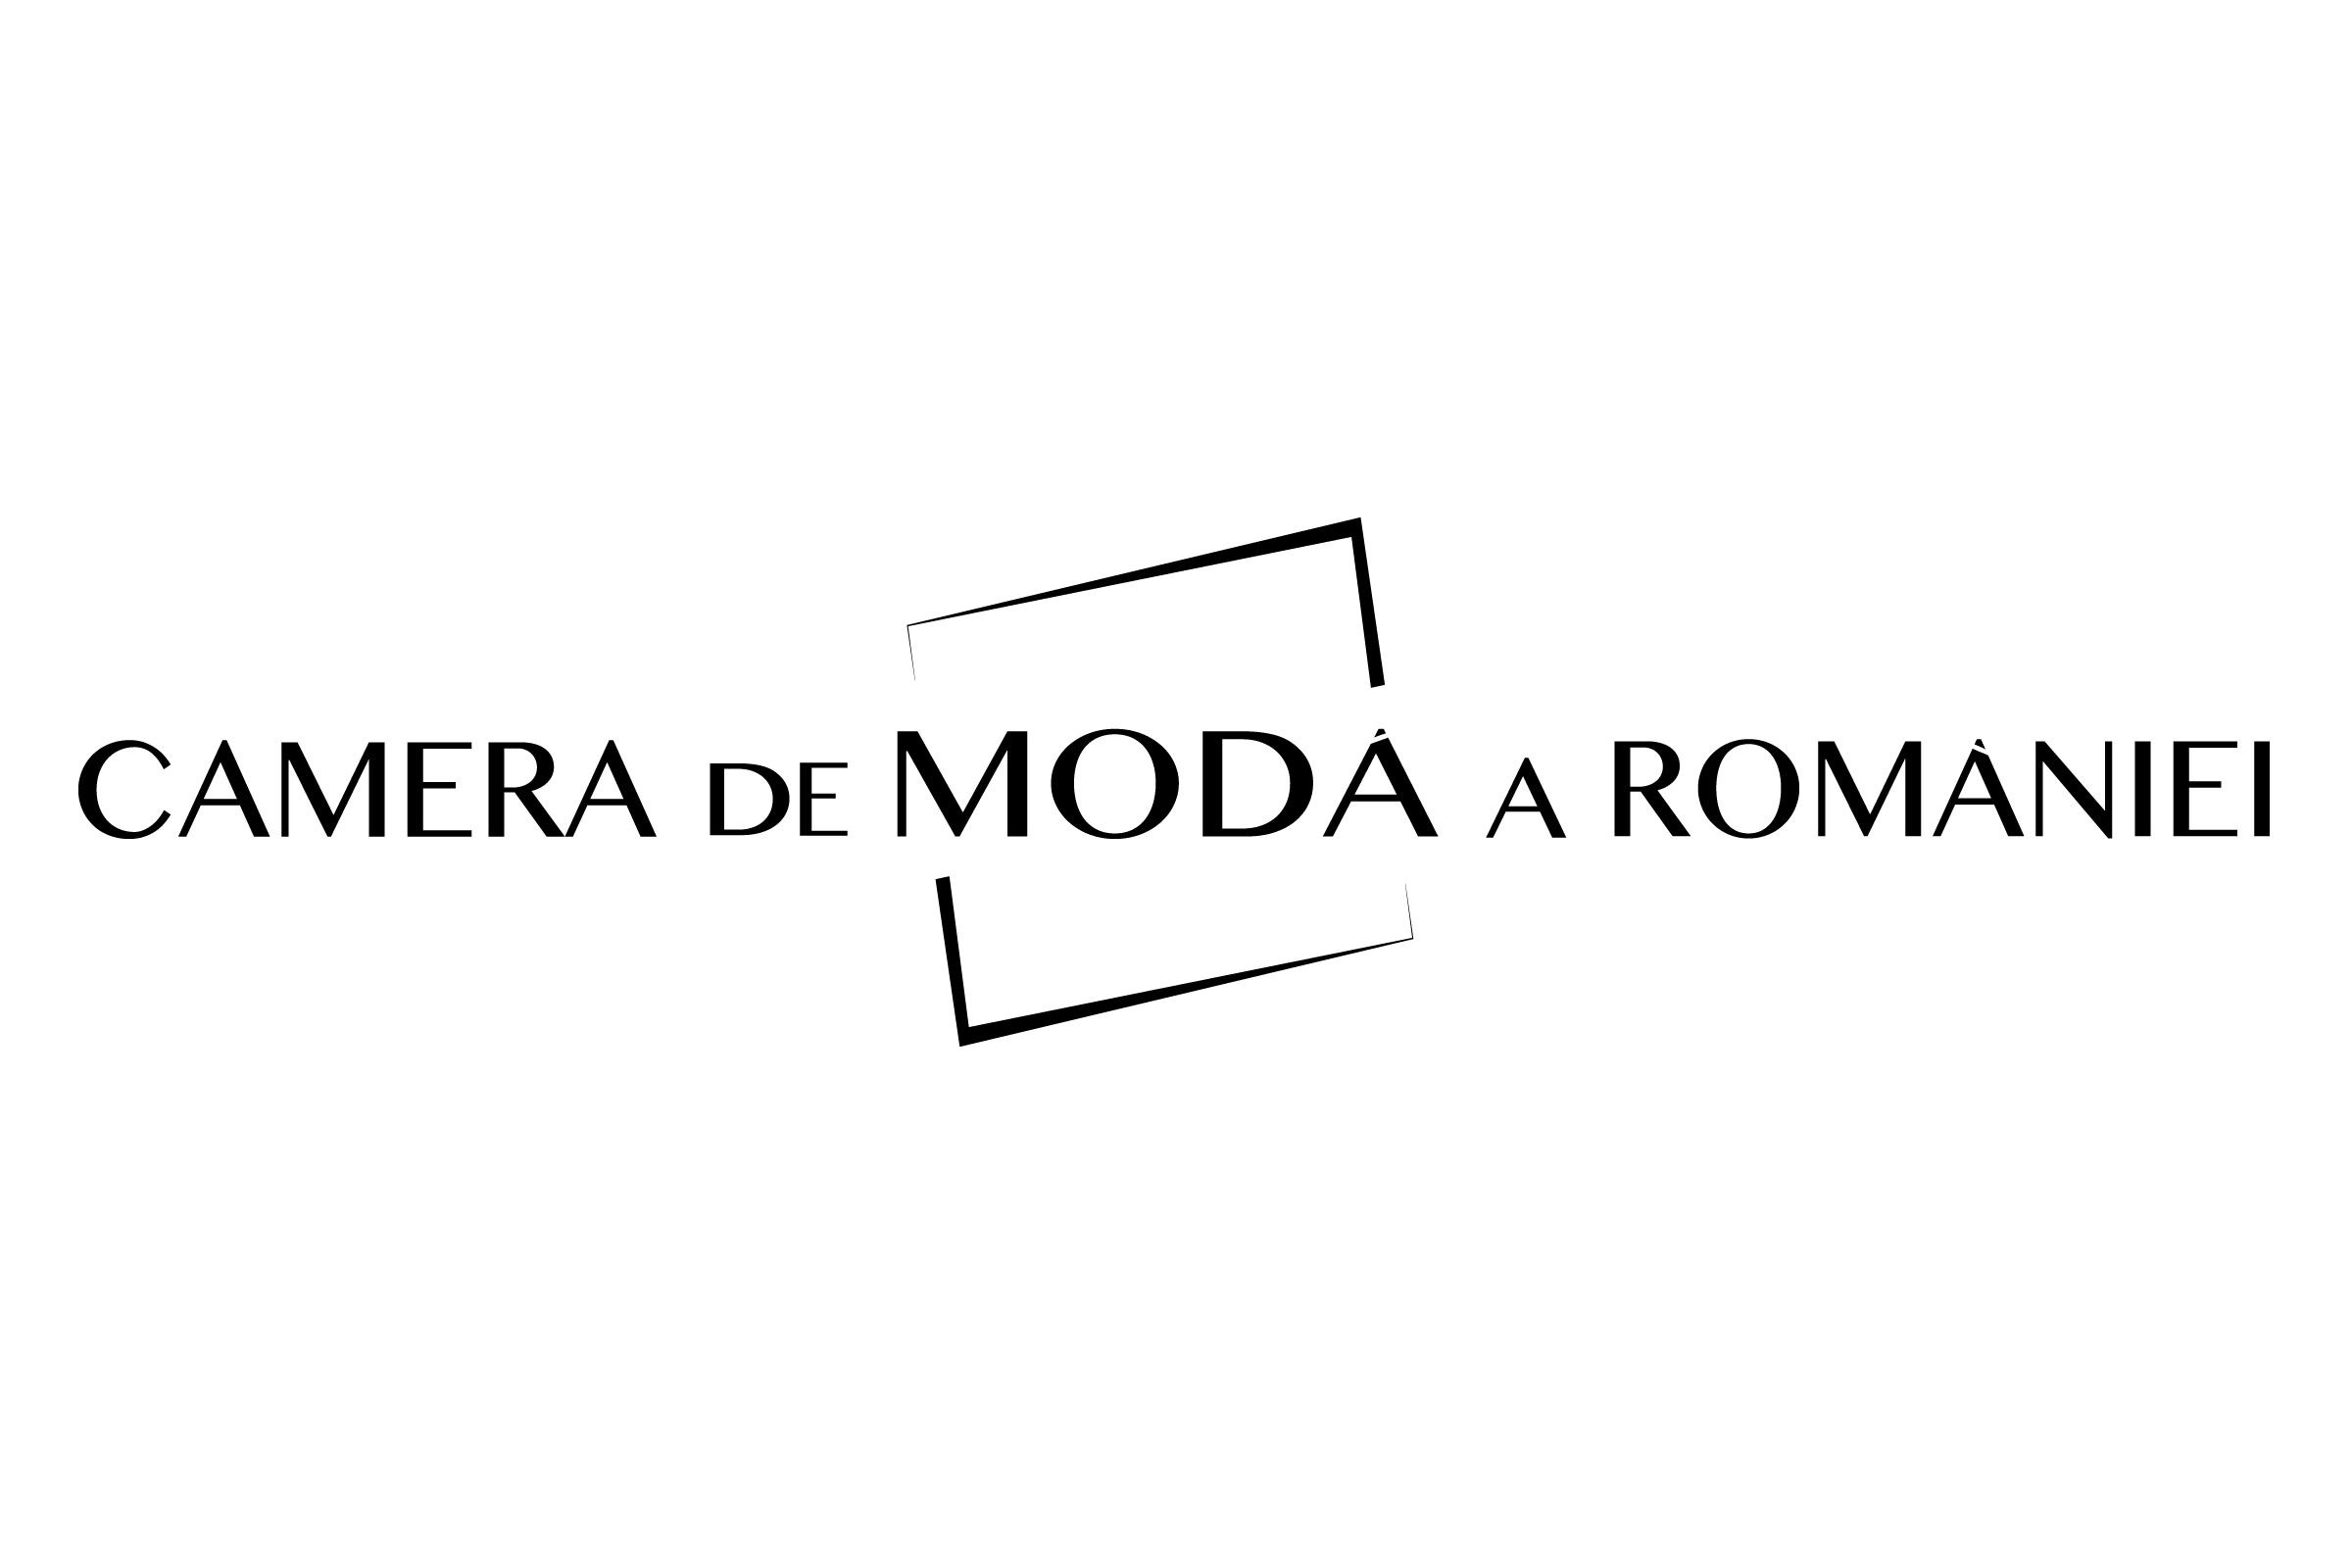 Camera de Modă a României